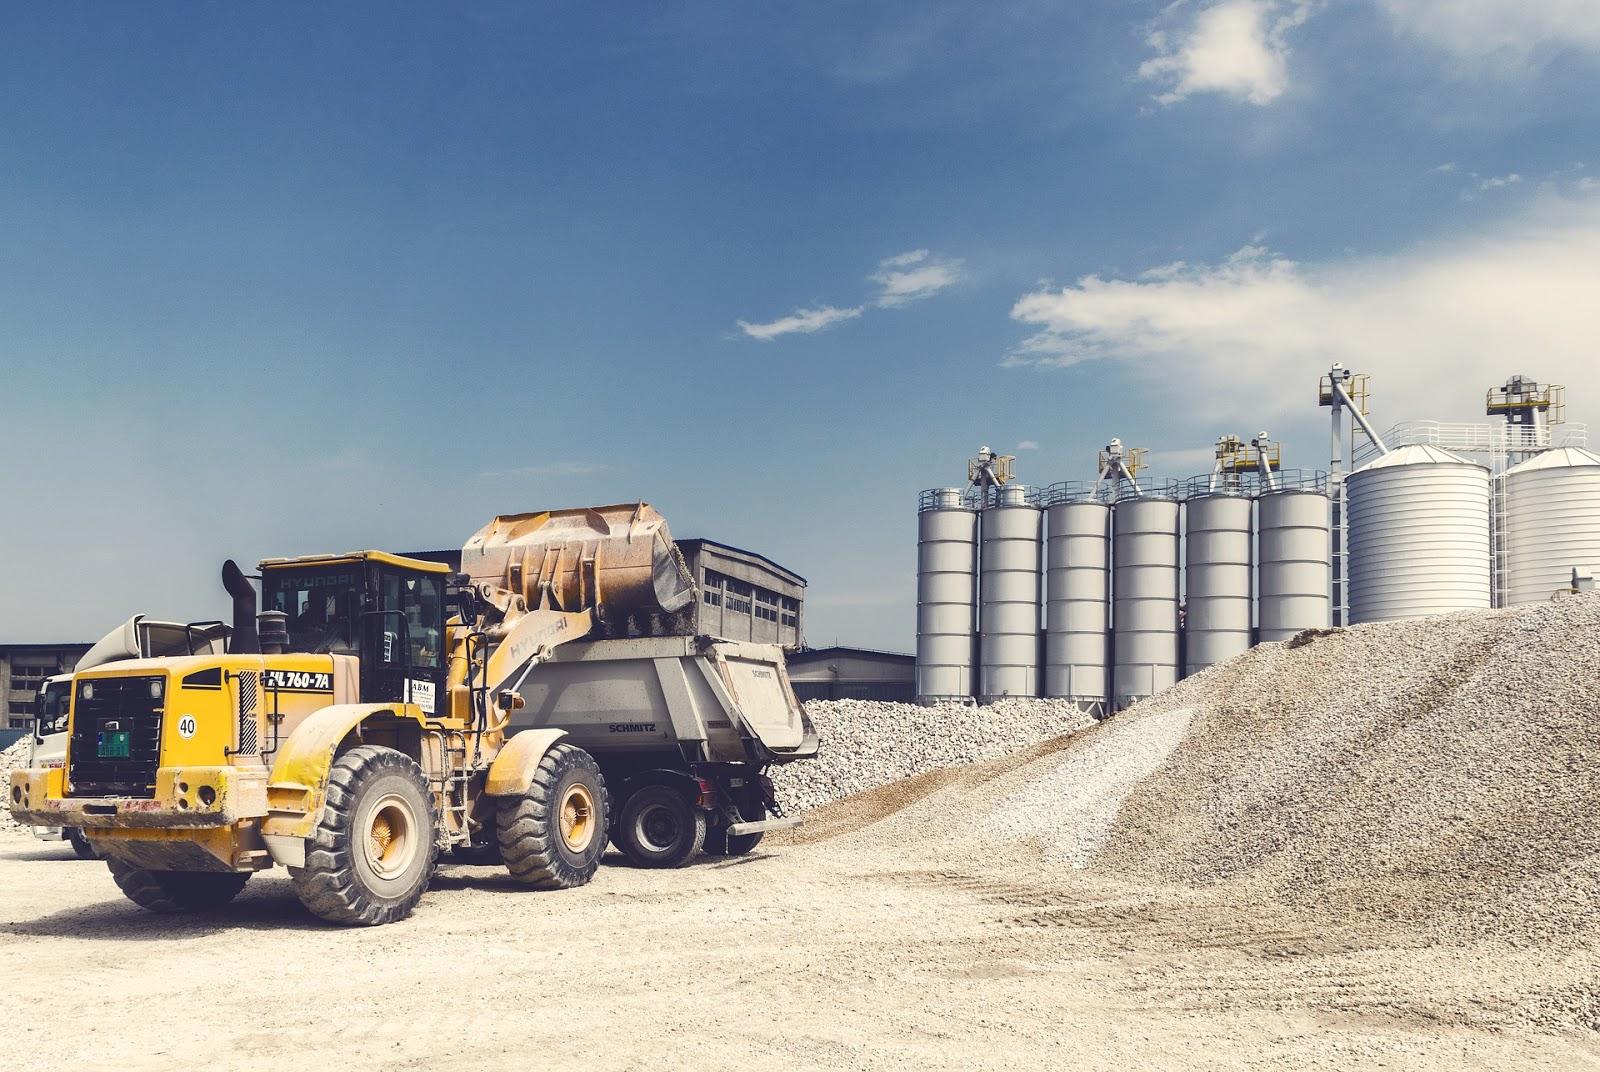 construction equipment as capital asset